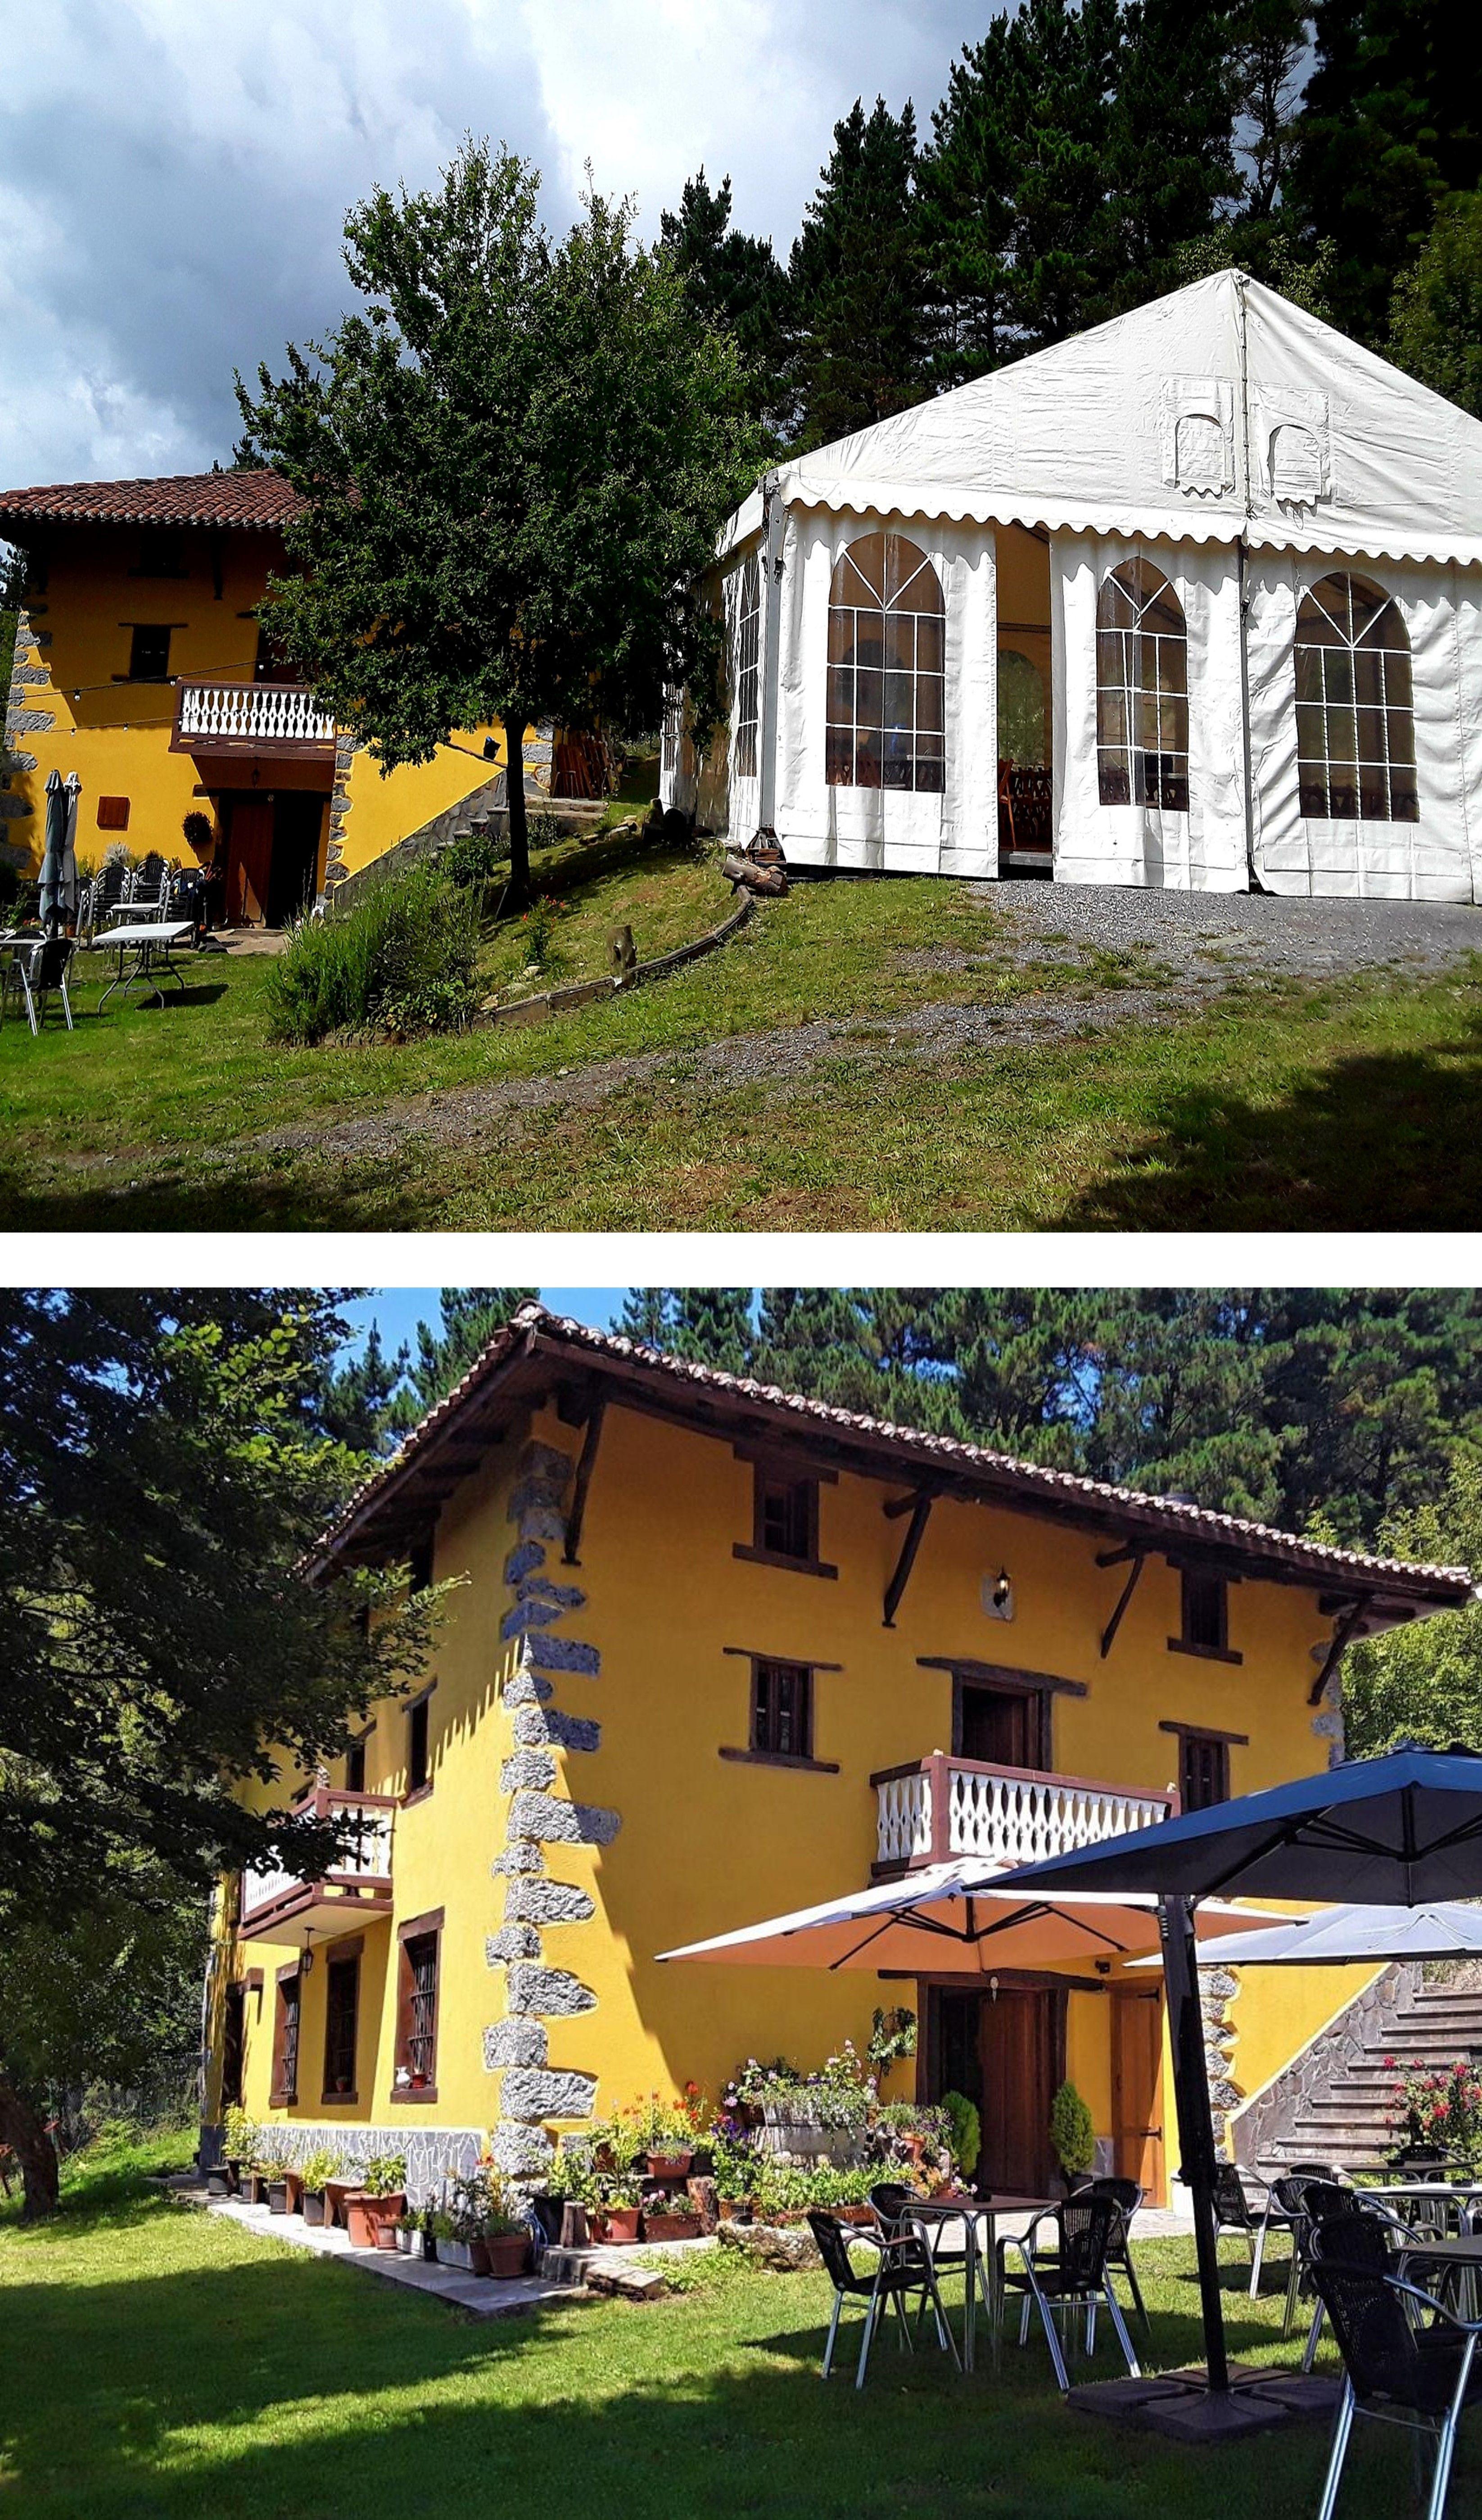 Vizcaya Casa Para Fiestas Bodas Y Eventos En Zebeiro Parque Infantil Y Jardín Con Vistas Casas Para Fiestas Parques Infantiles Estilo En El Hogar